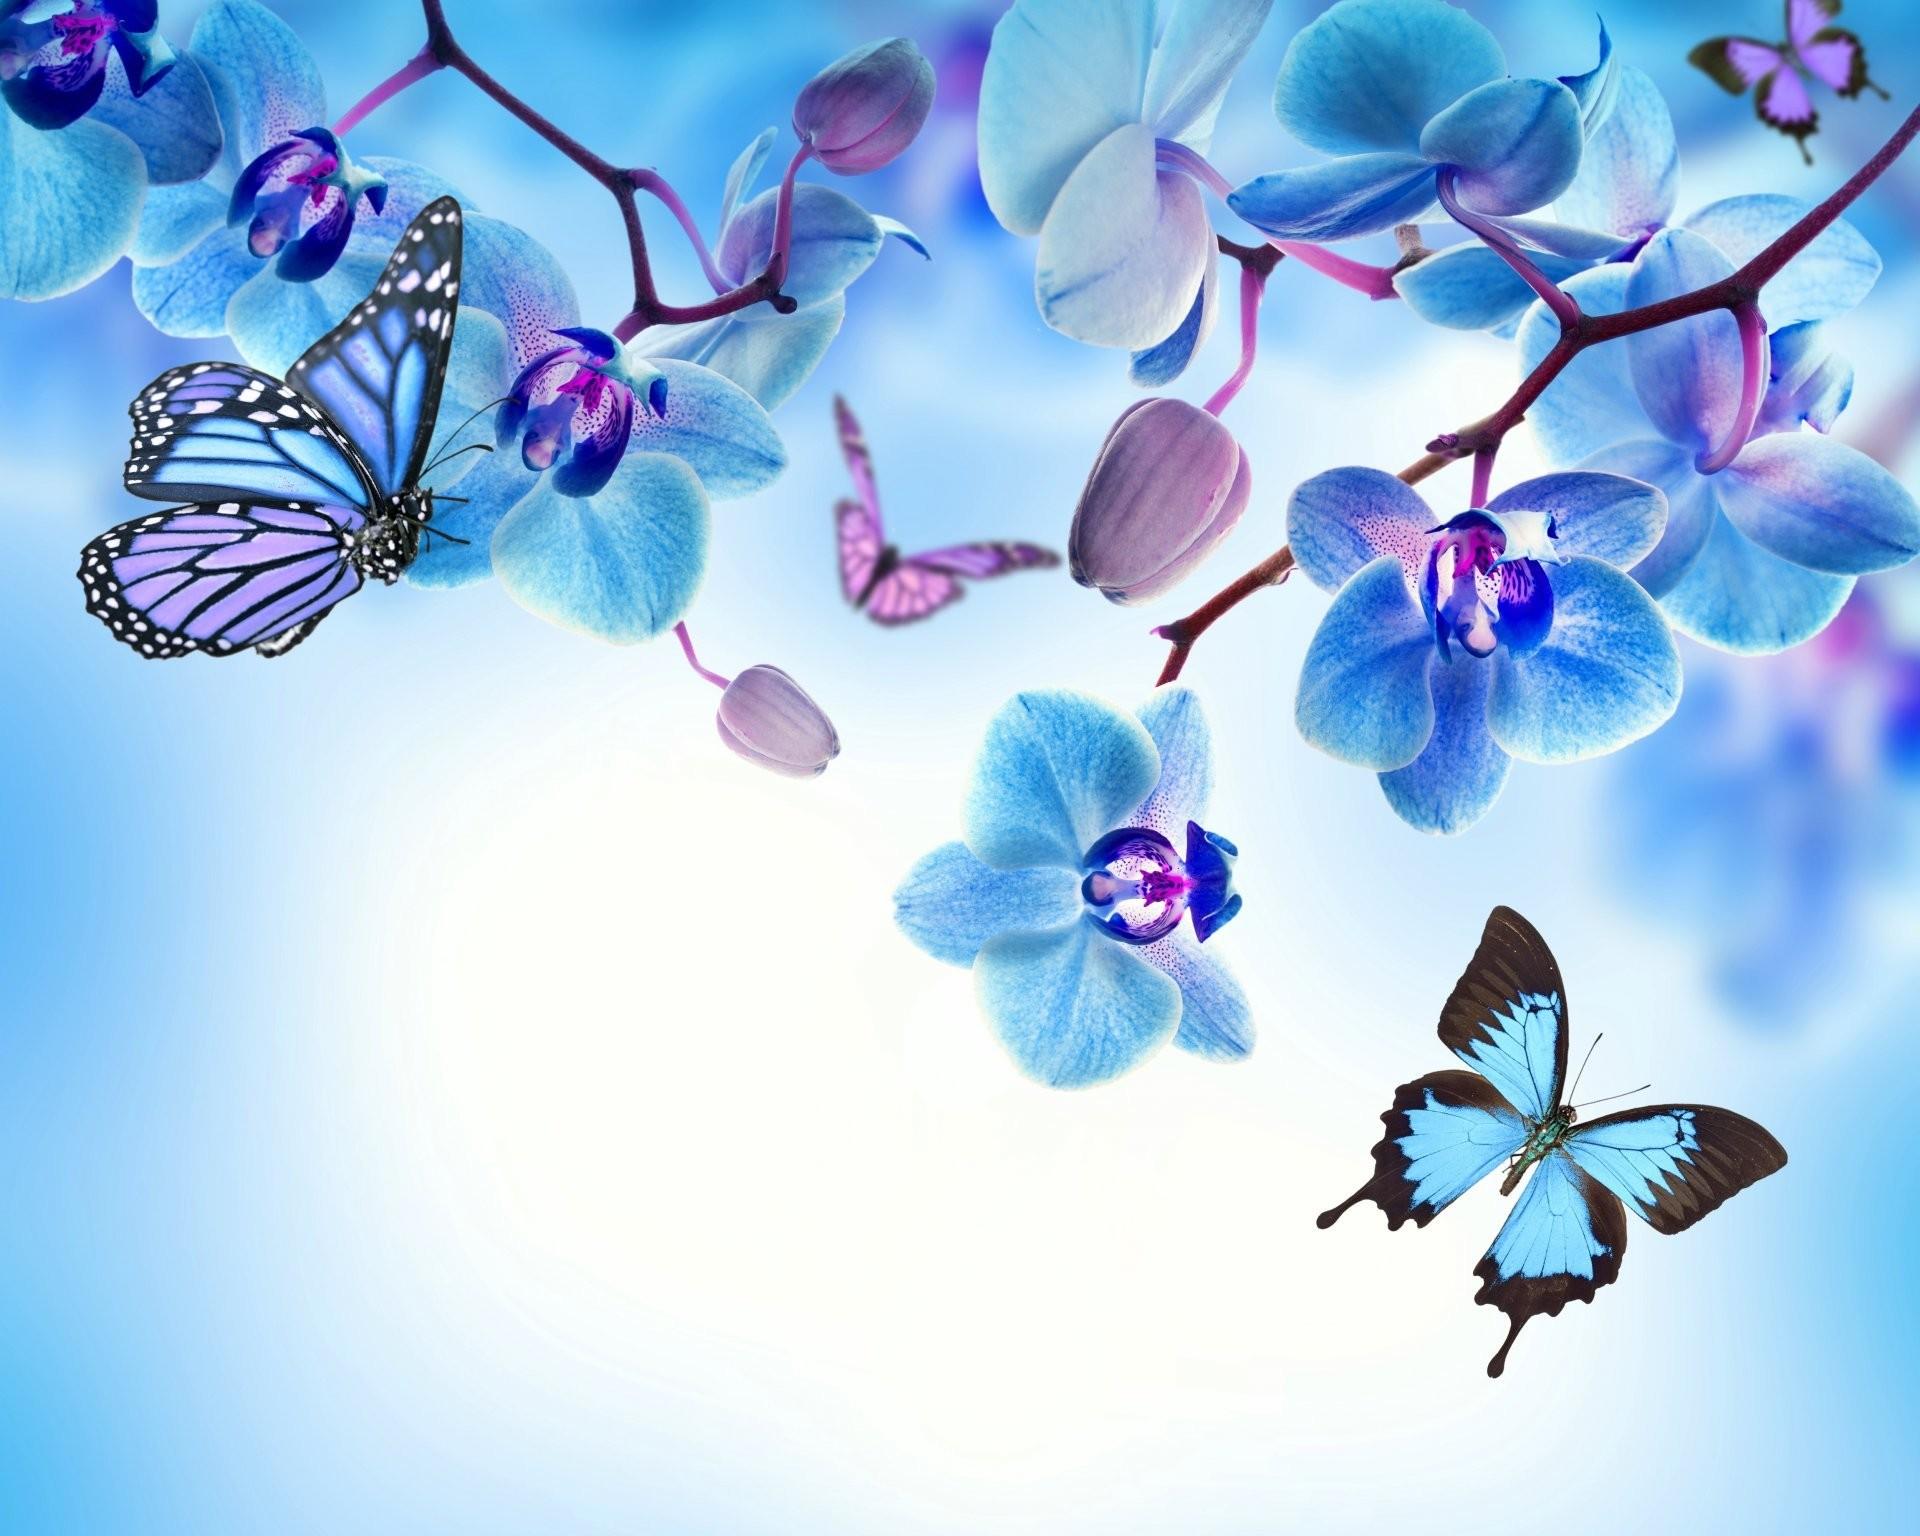 1920x1536 Orchid Blue Flowers Beautiful Butterflies Flower Butterfly